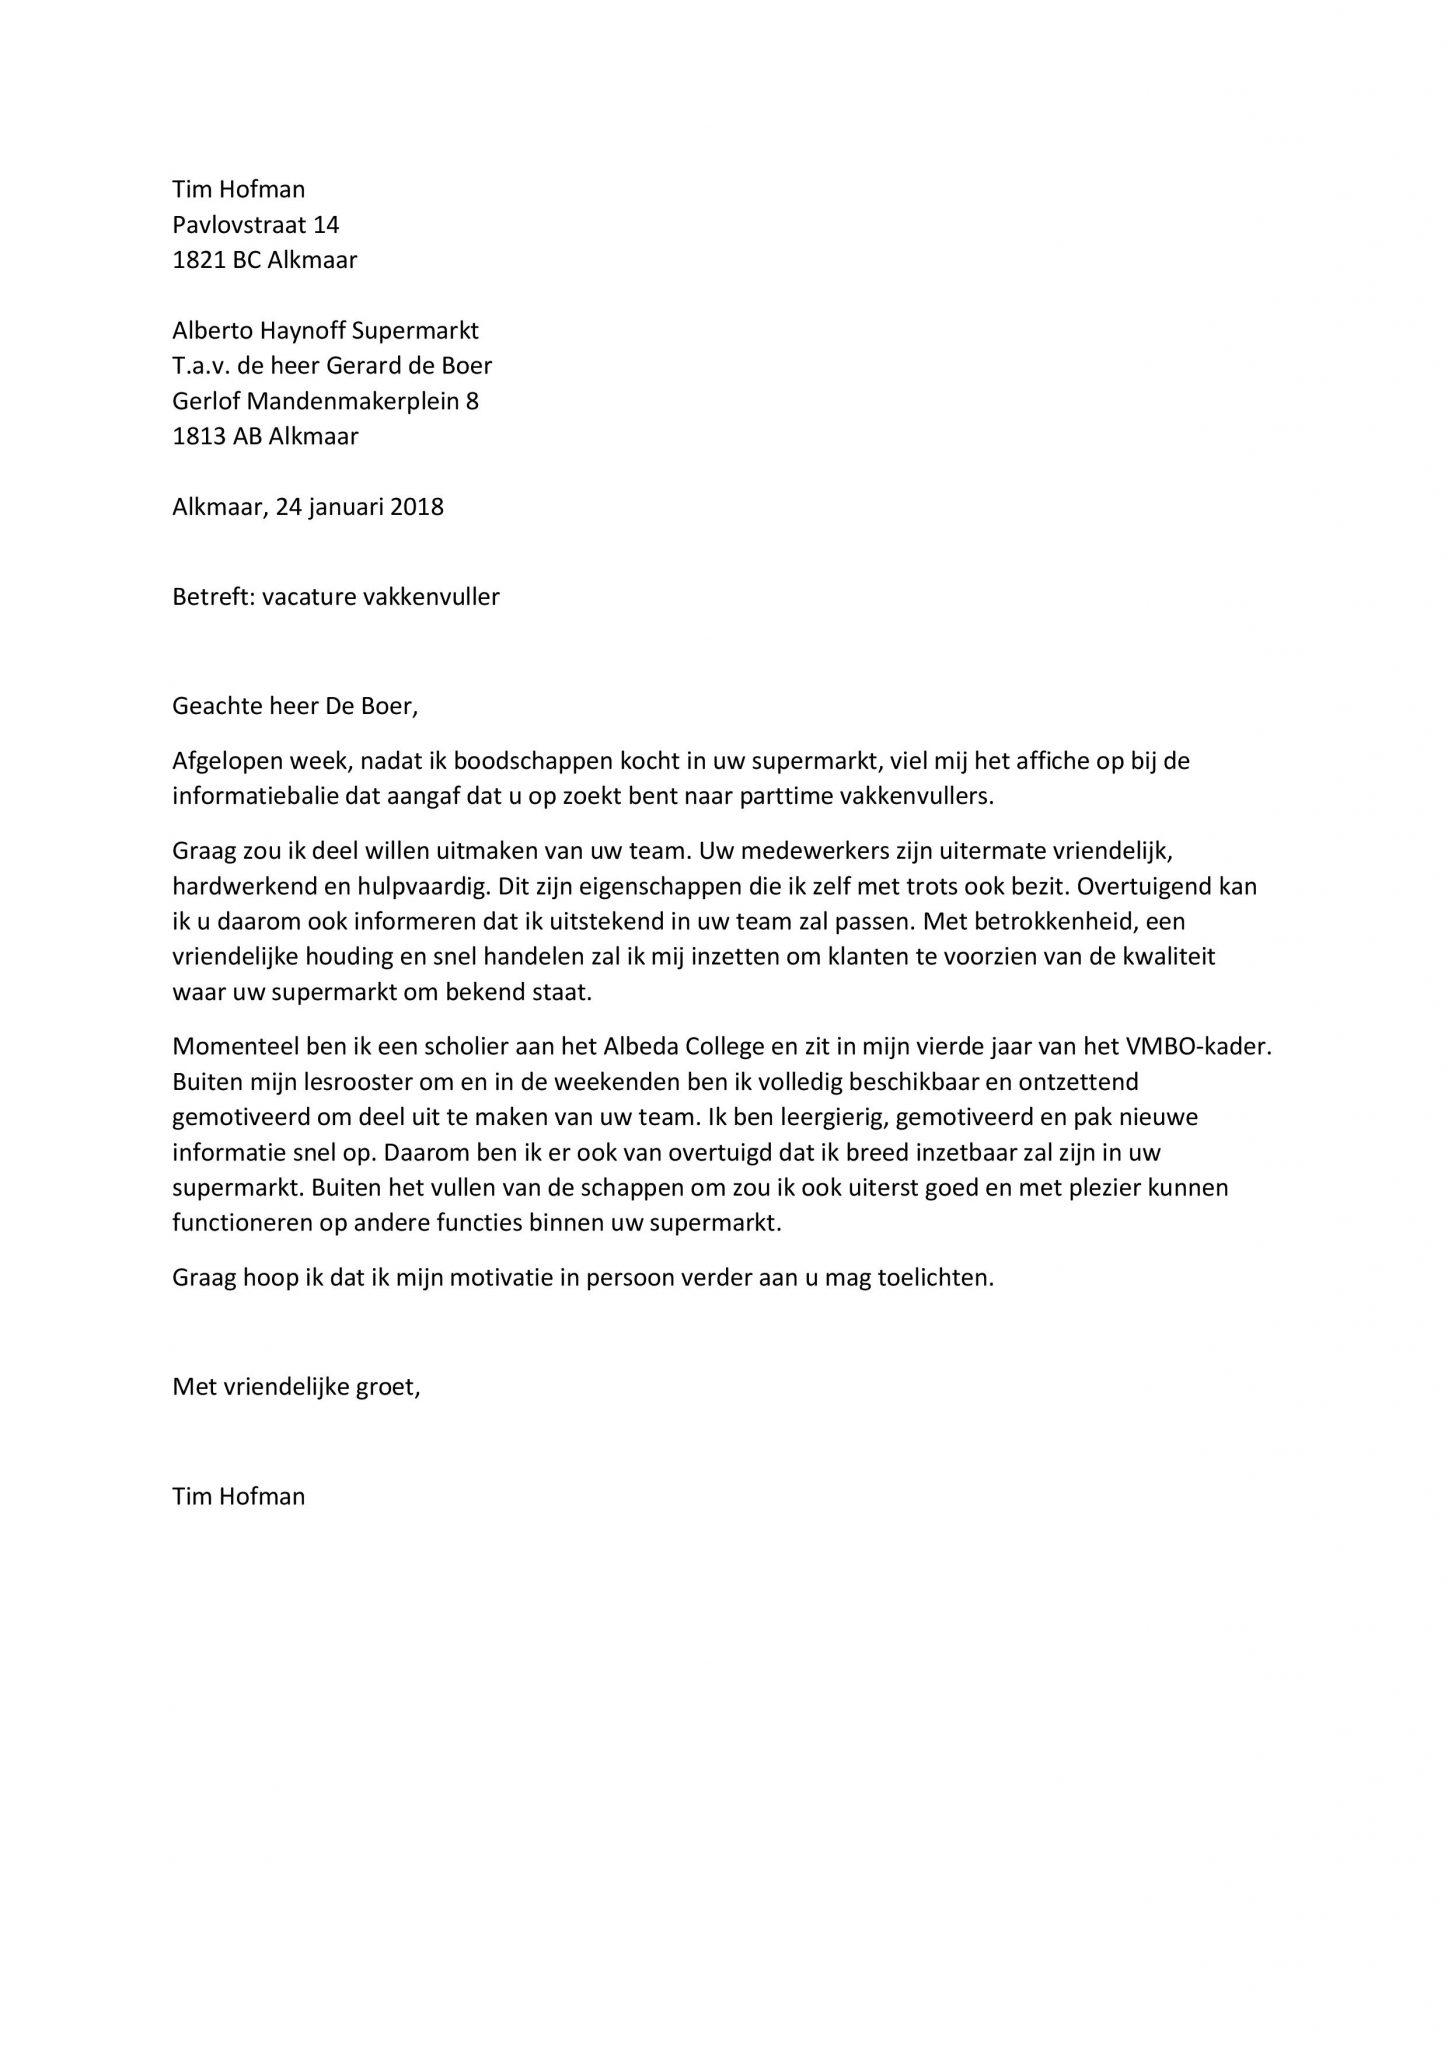 motivatiebrief vakkenvuller voorbeeld Sollicitatiebrief Vakkenvuller   Sollicitatiebijbel.nl motivatiebrief vakkenvuller voorbeeld